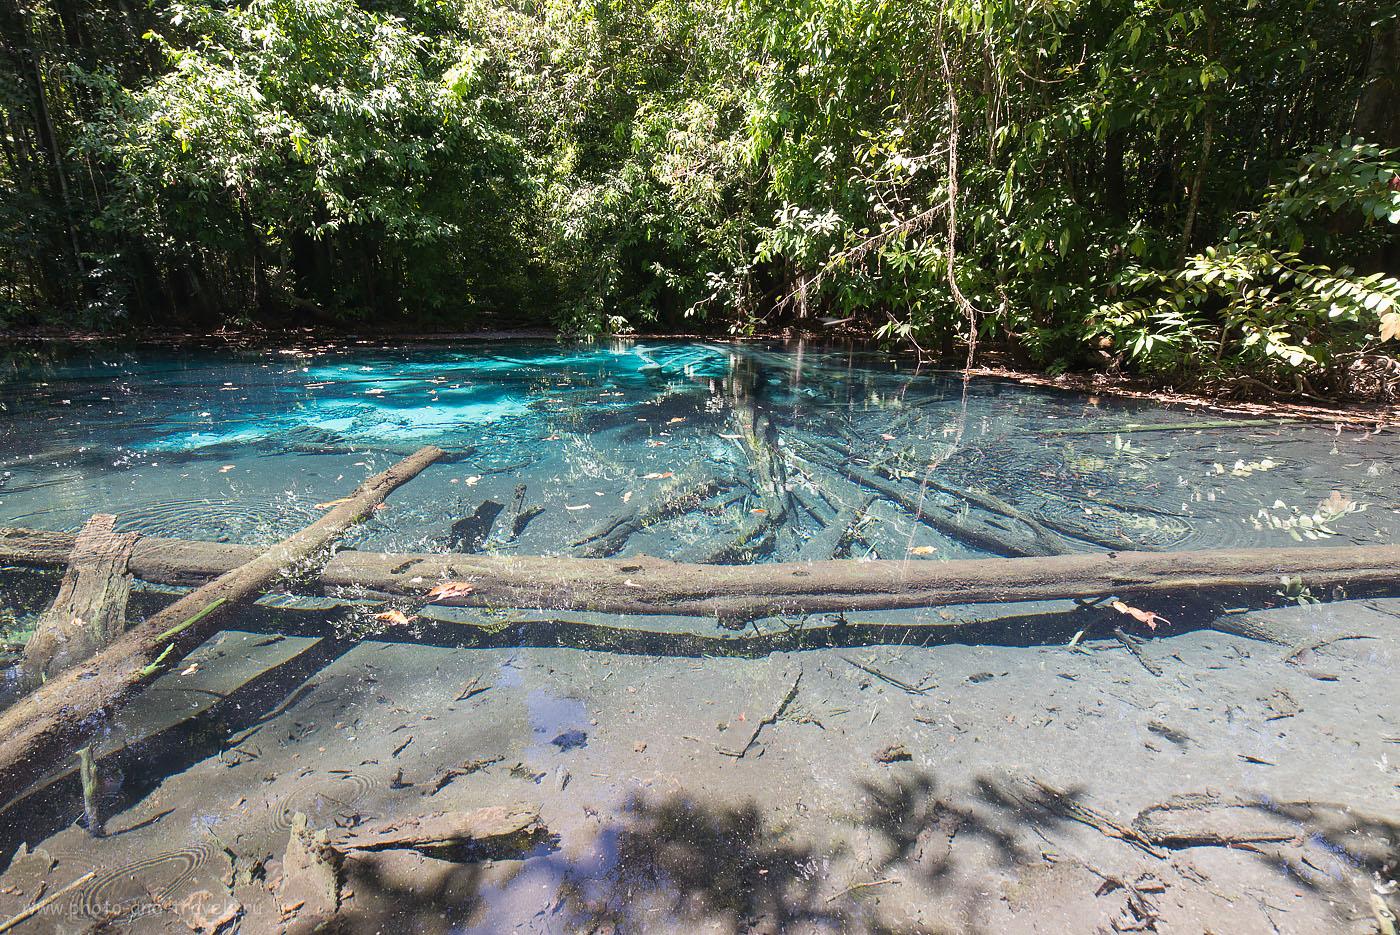 Фотография 16. Синий бассейн (Blue Pool) в парке Khao Pra Bang Khram Wildlife Sanctuary в провинции Краби. Читайте отчет о самостоятельной экскурсии